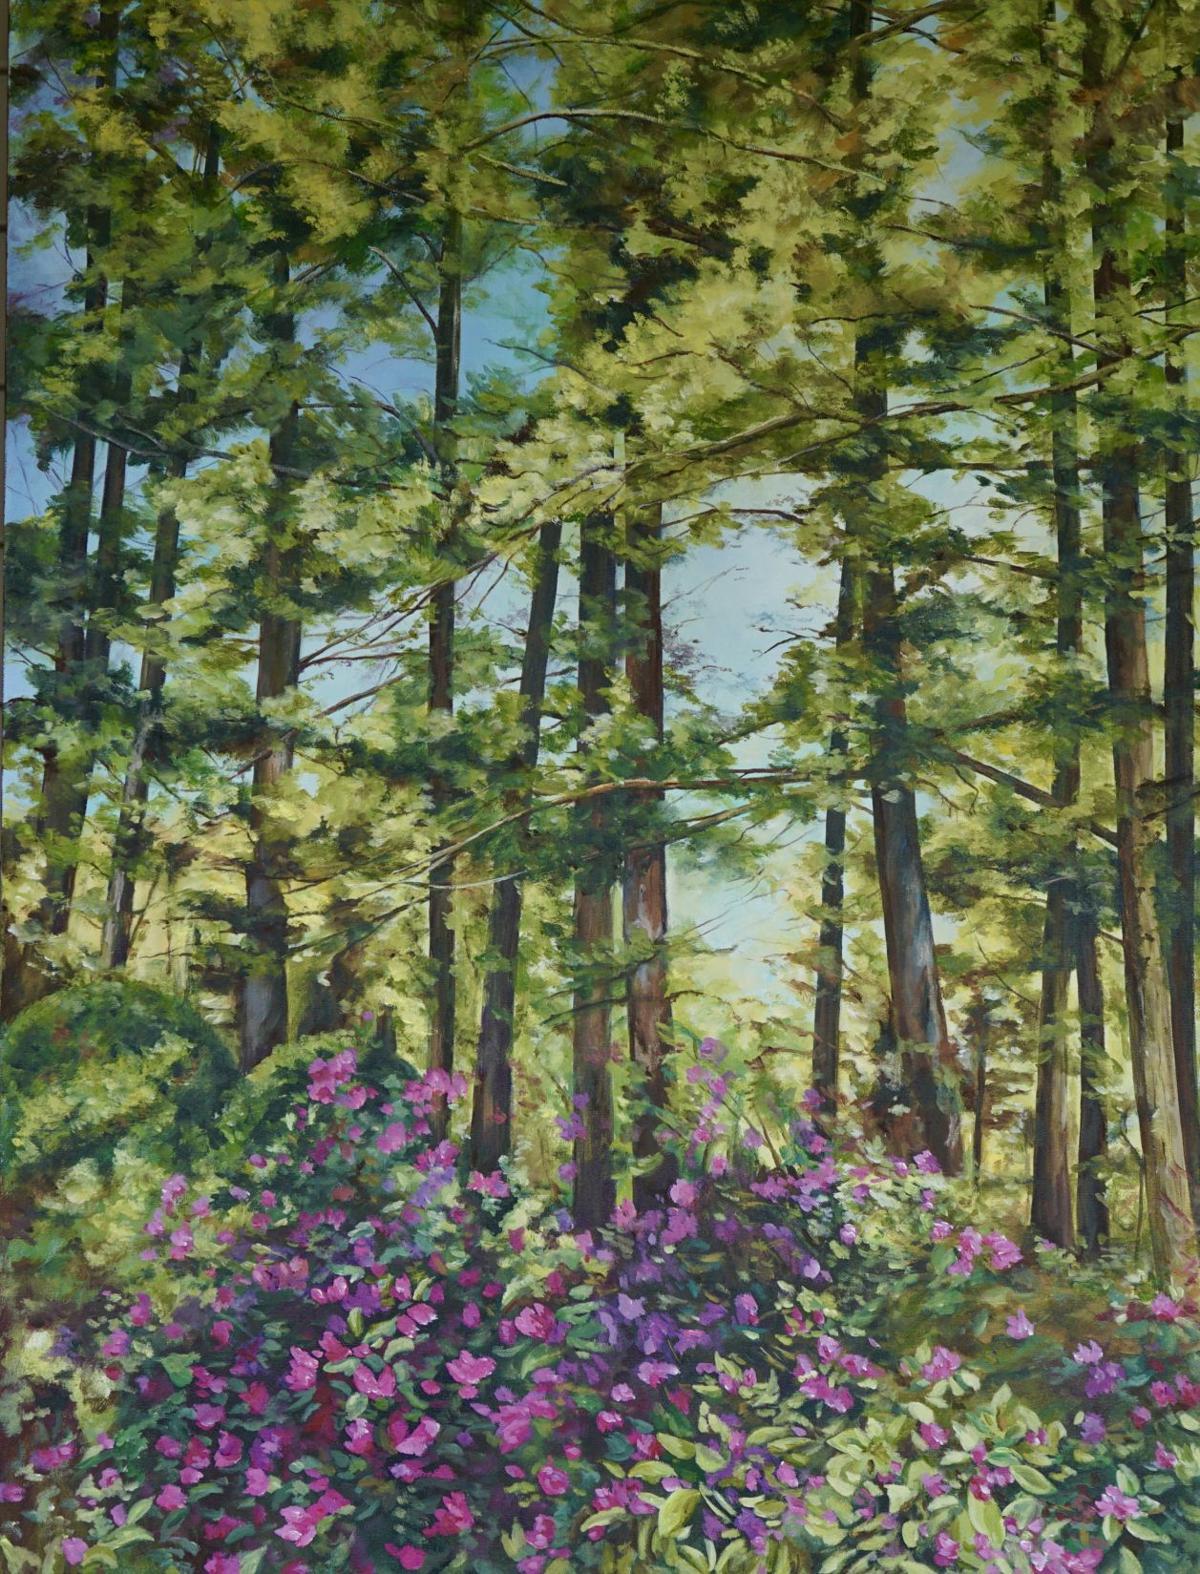 UW-Arboretum - Arboretum Spring